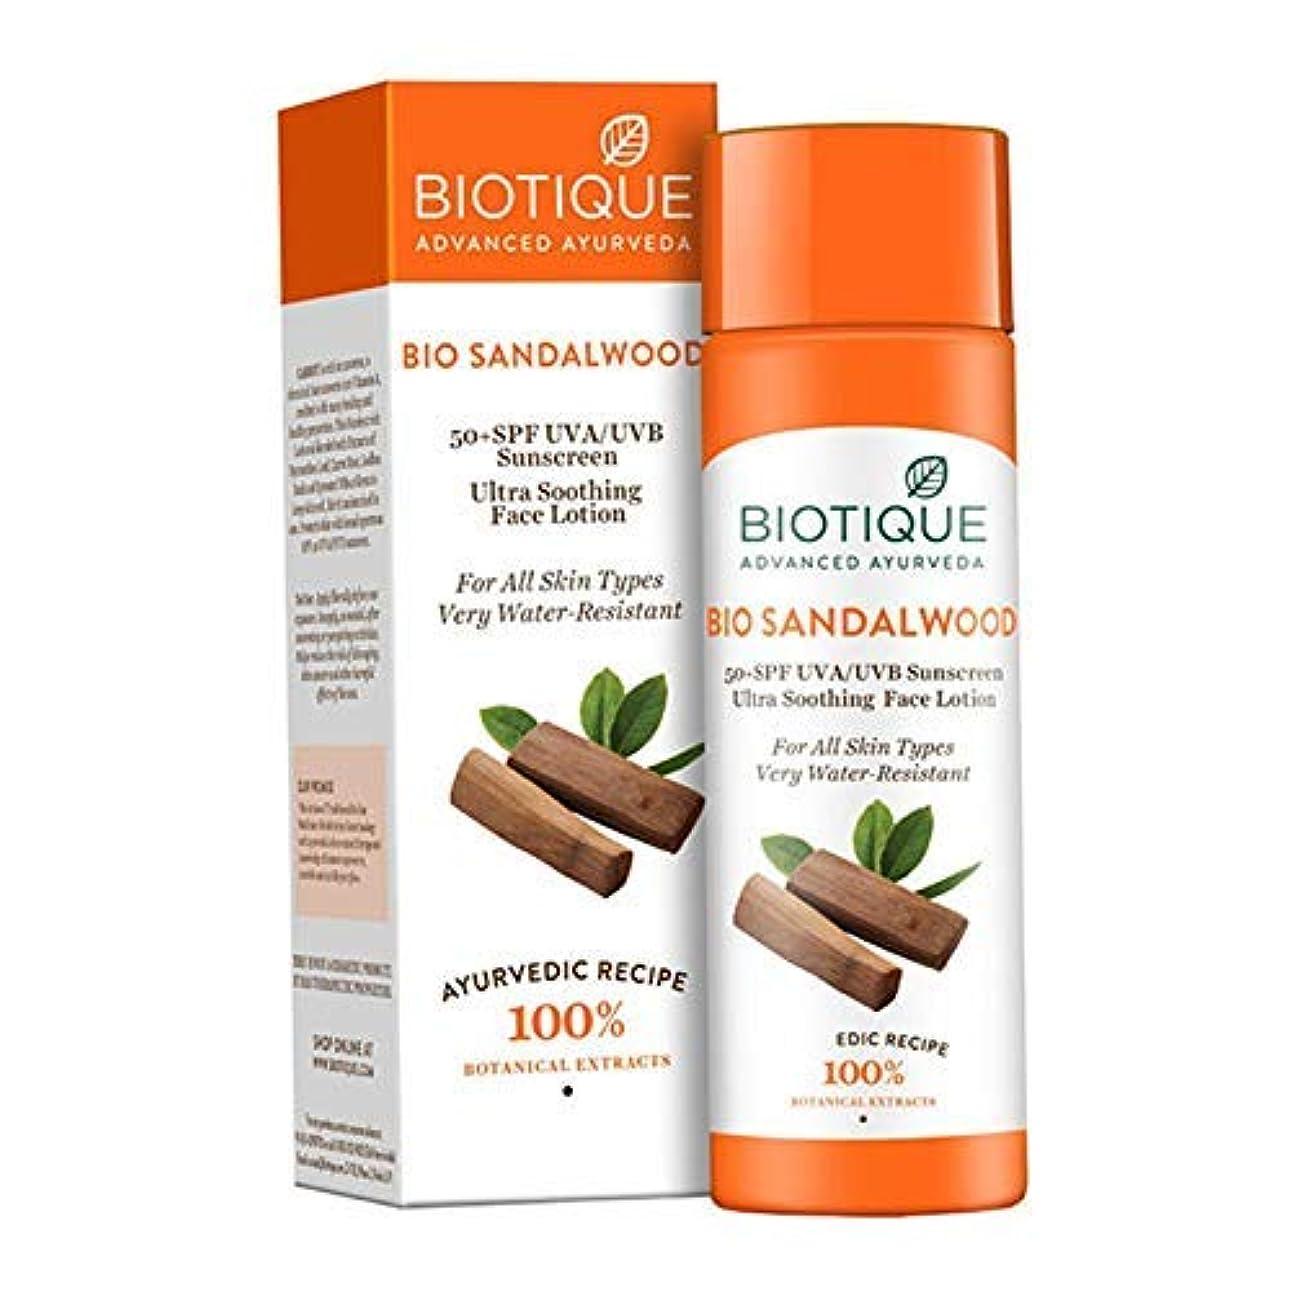 護衛証明書地上でBiotique Sandalwood Ultra Soothing Face Lotion 50+ SPF UVA/UVB Sunscreen, 120ml ビオティックサンダルウッドウルトラスージングフェイスローション50+ SPF UVA/UVB日焼け止め